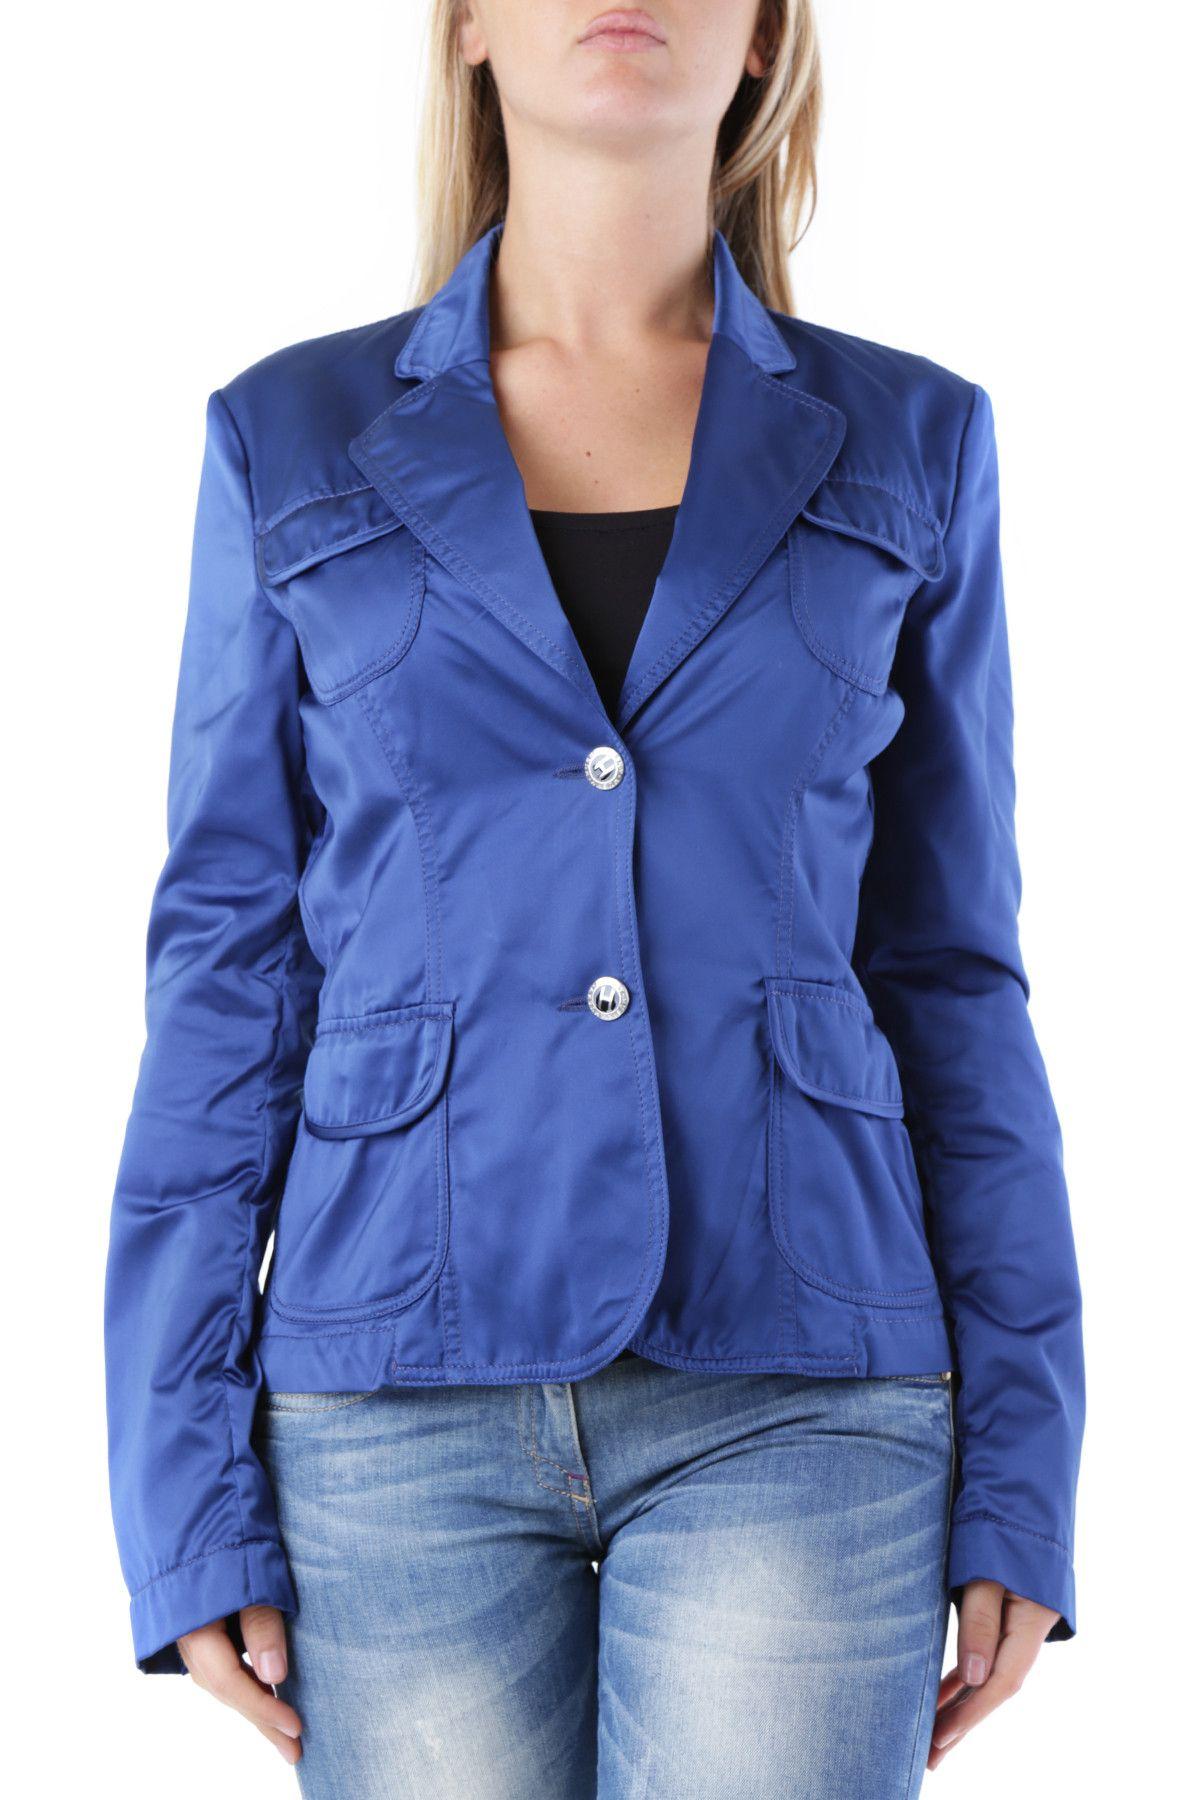 Husky Women's Blazer In Blue